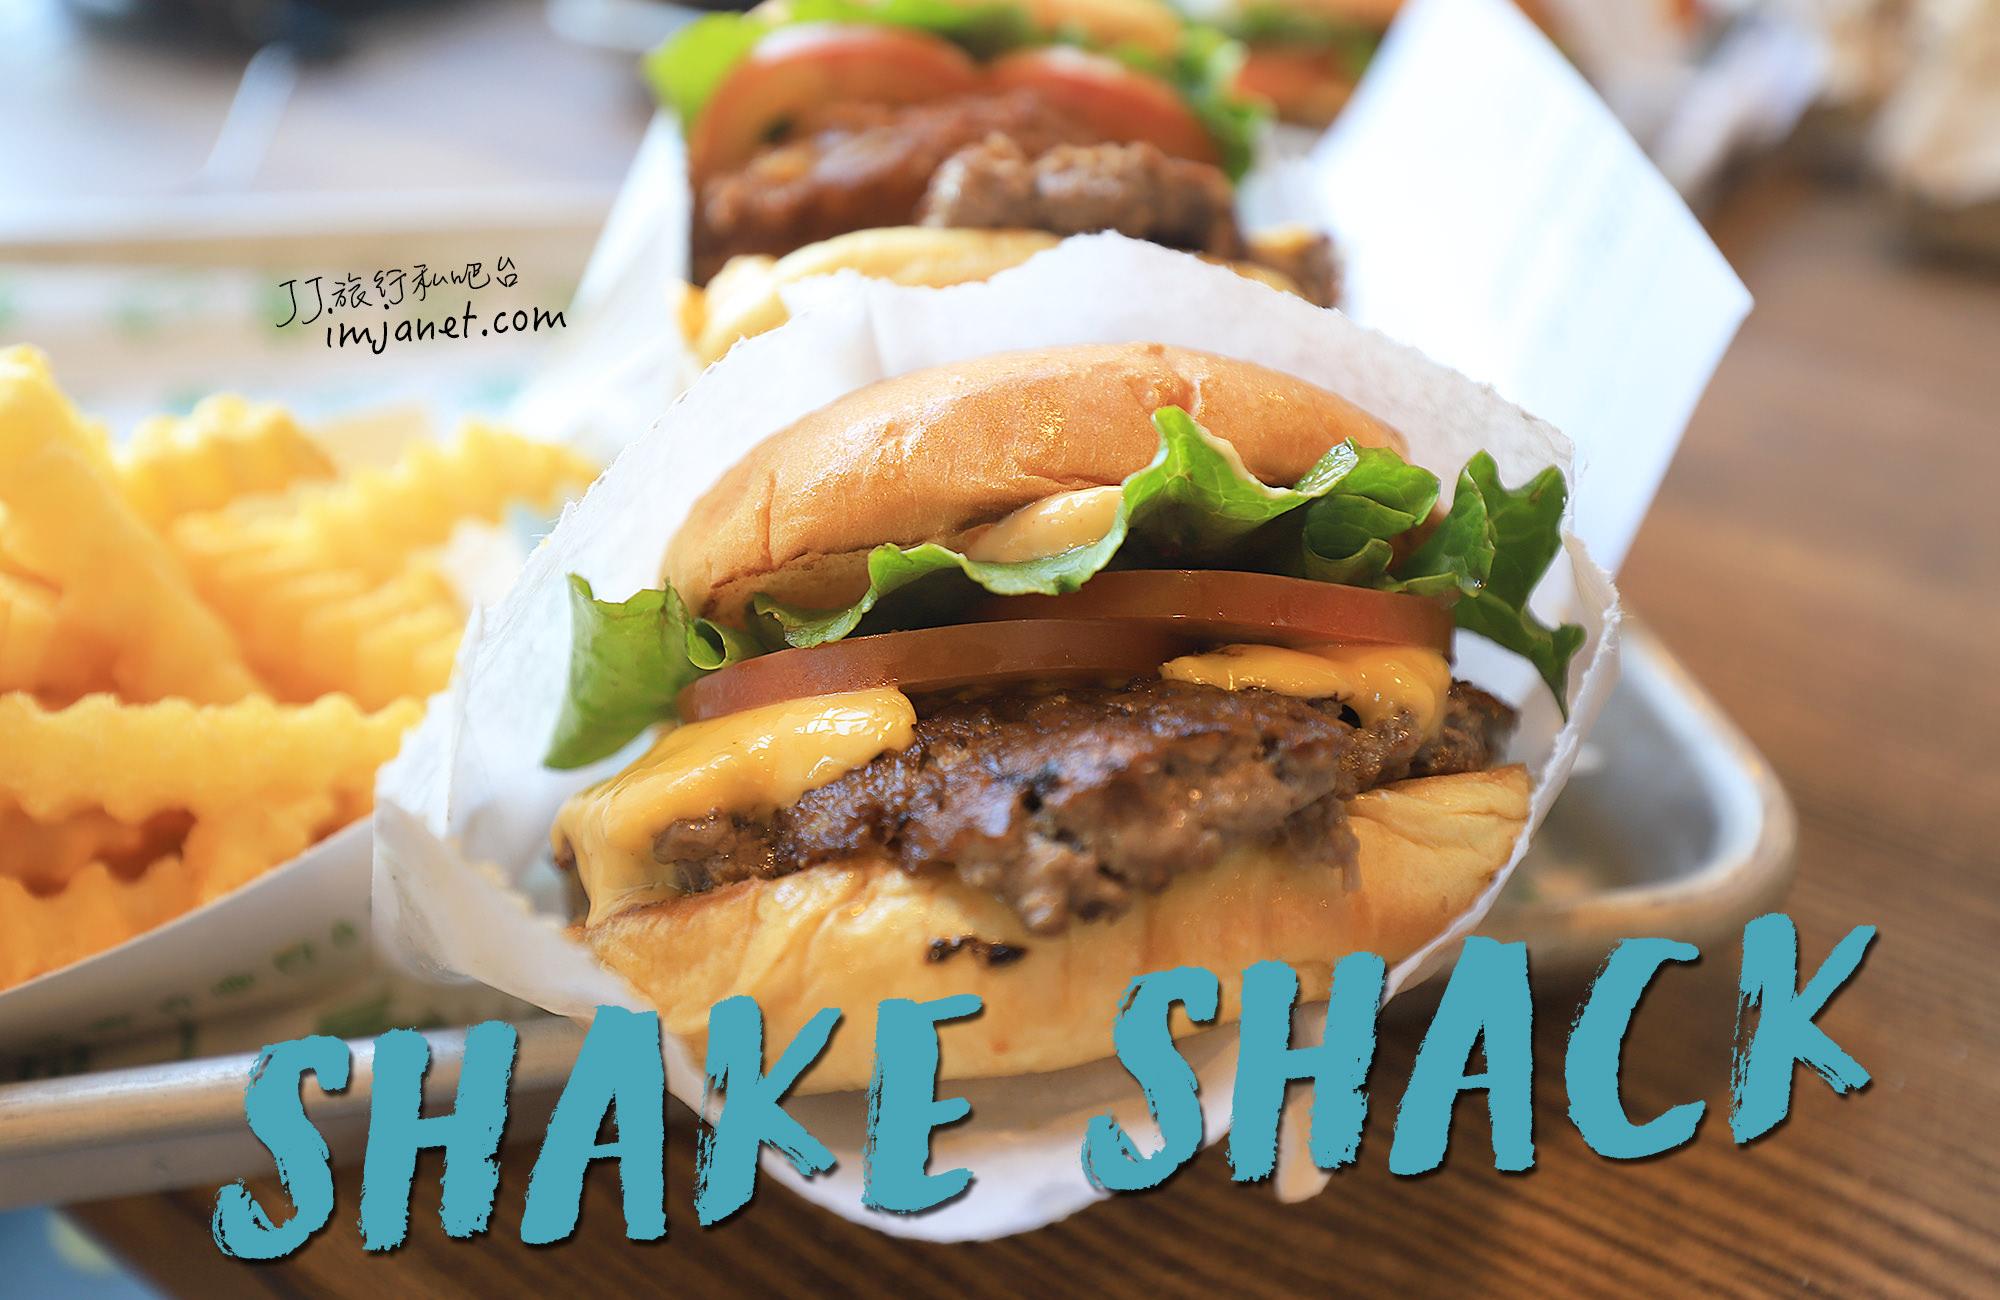 美國拉斯維加斯 Premium Outlets美食推薦,紐約人氣漢堡Shake Shack